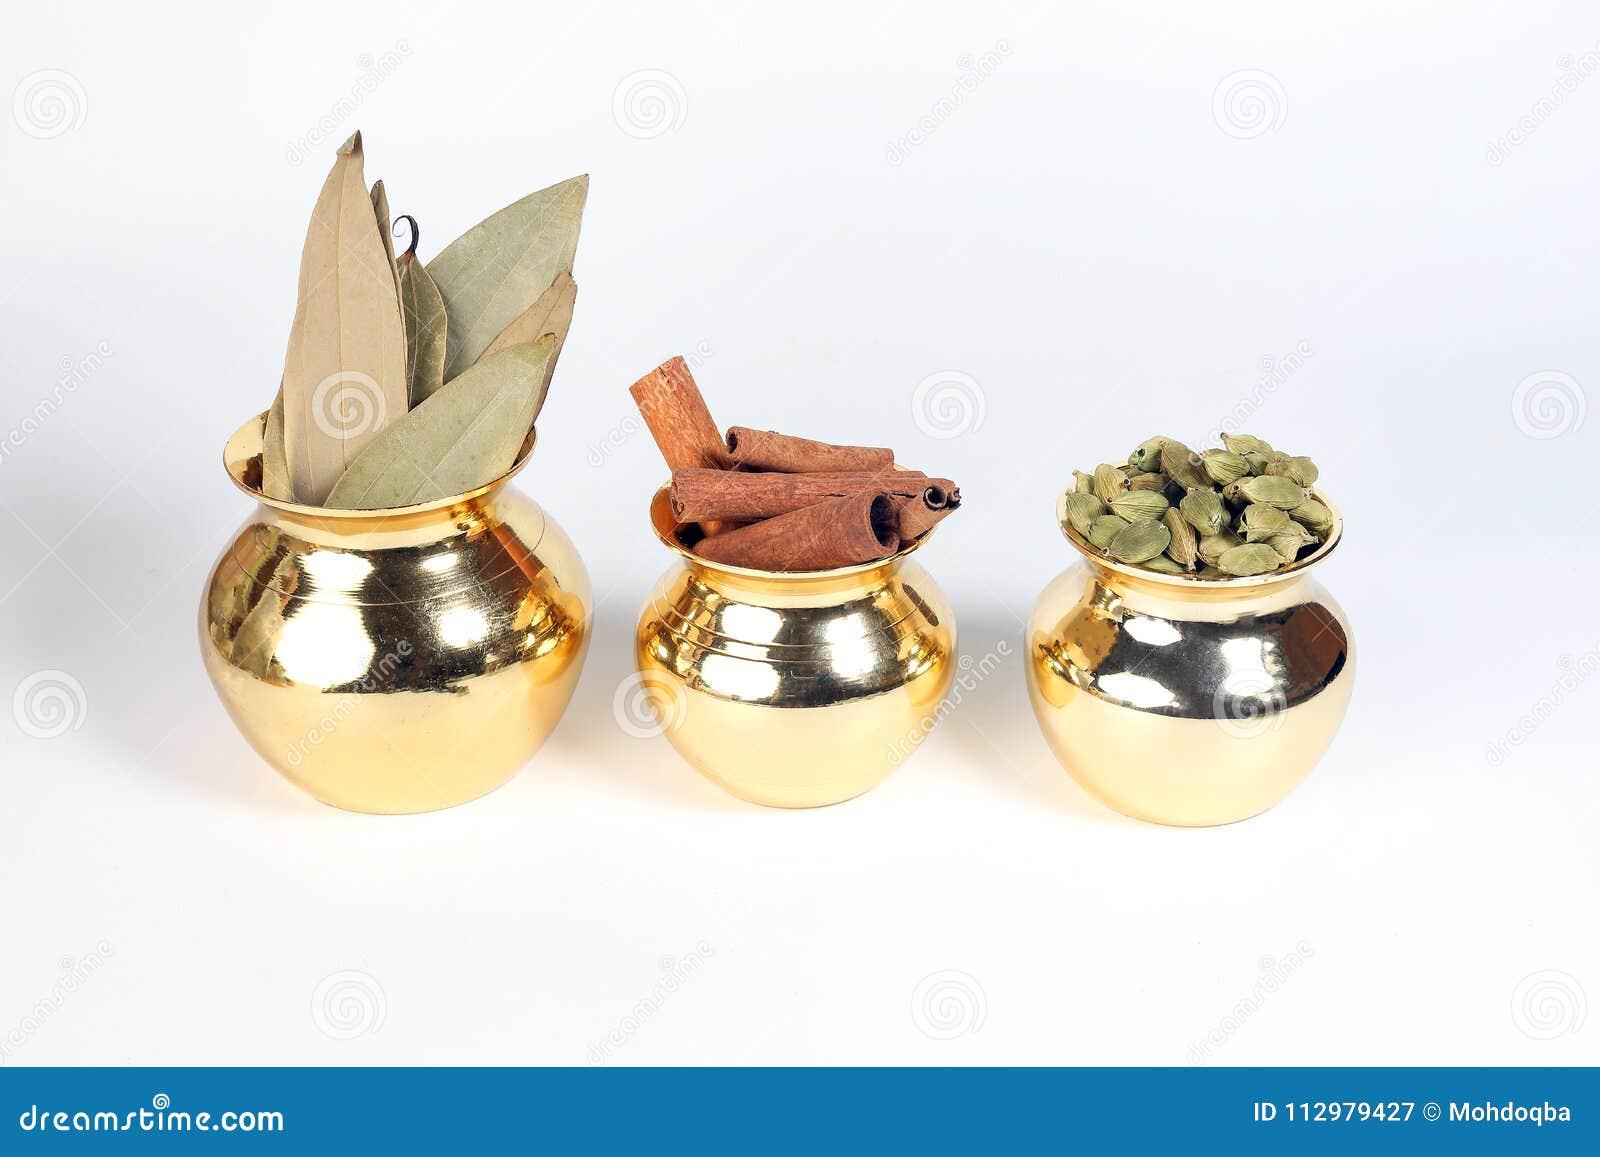 Cardamom cinnamon bay leaf spice in shiny metal pot